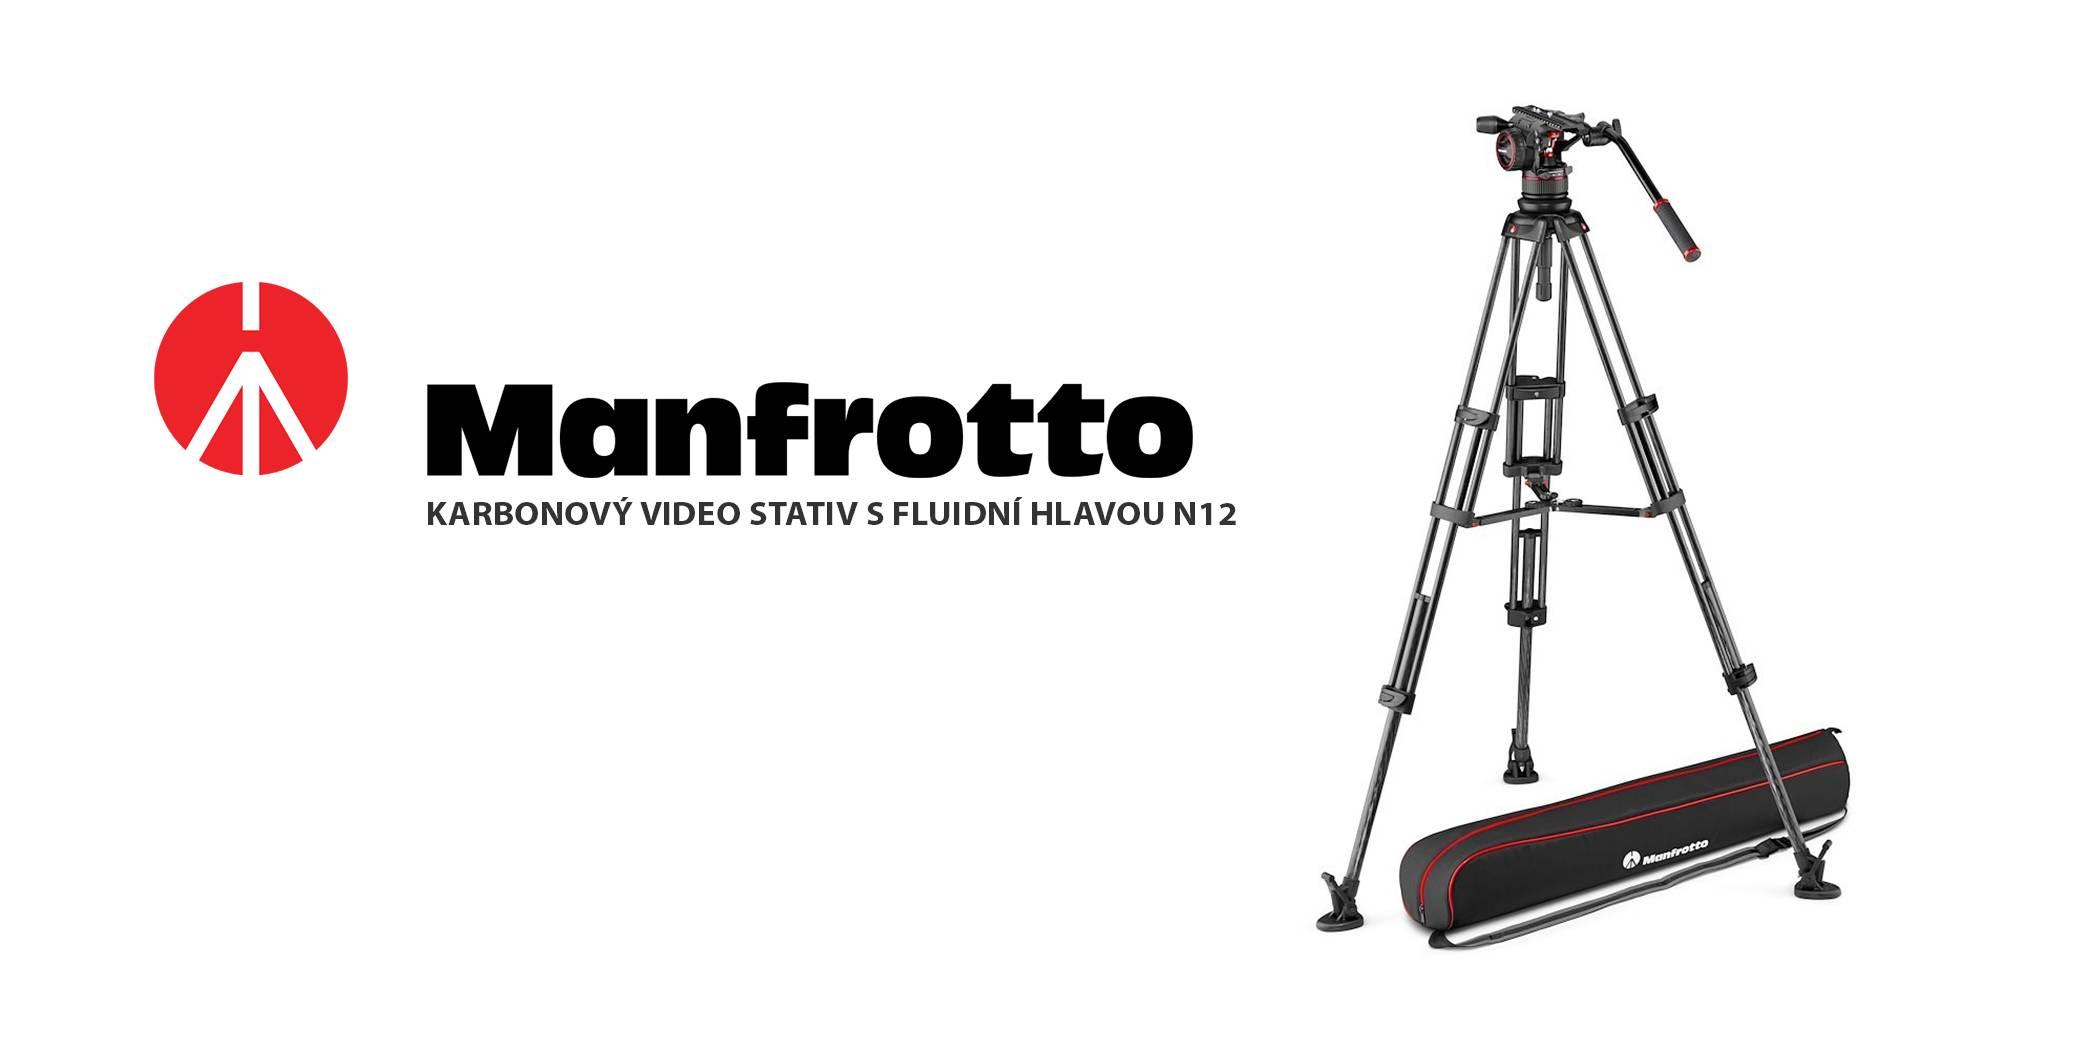 film-technika-manfrotto-100-75mm-karbonový-stativ-s-nitrotech-n12-fluidní-hlavou